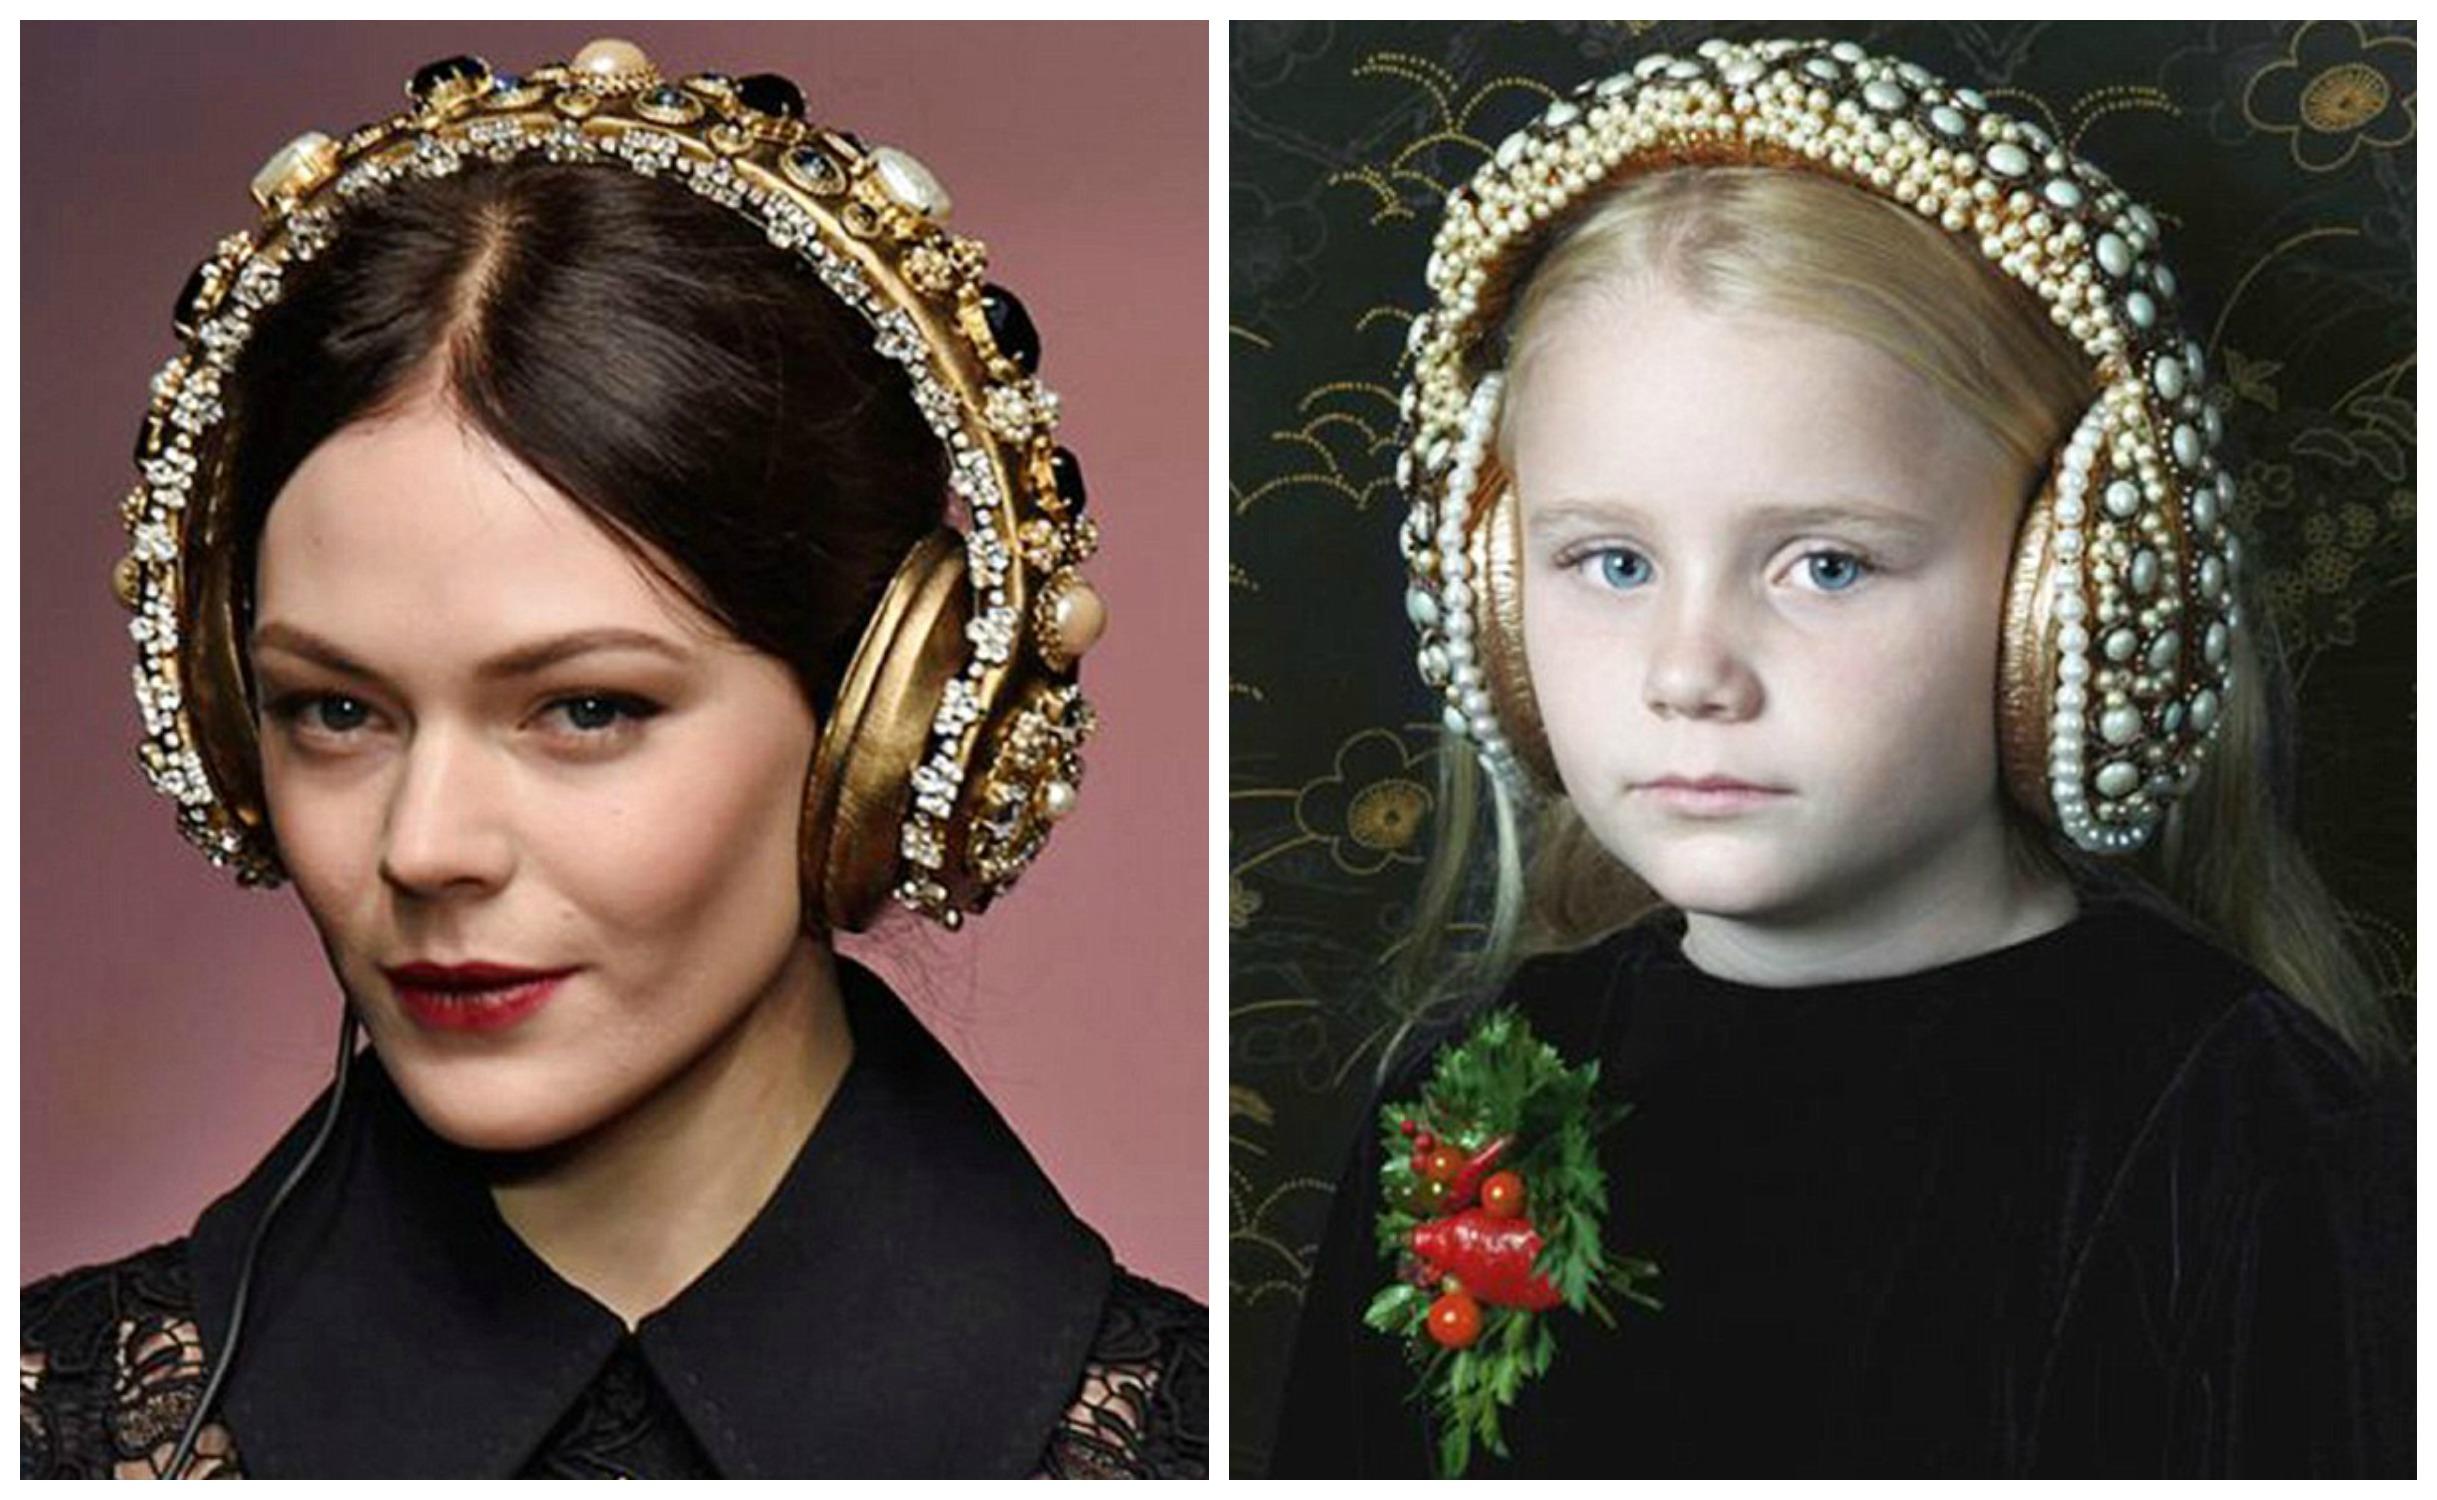 Наушники на показе Dolce&Gabbana (слева) и в рекламной кампании колумбийского дизайнера